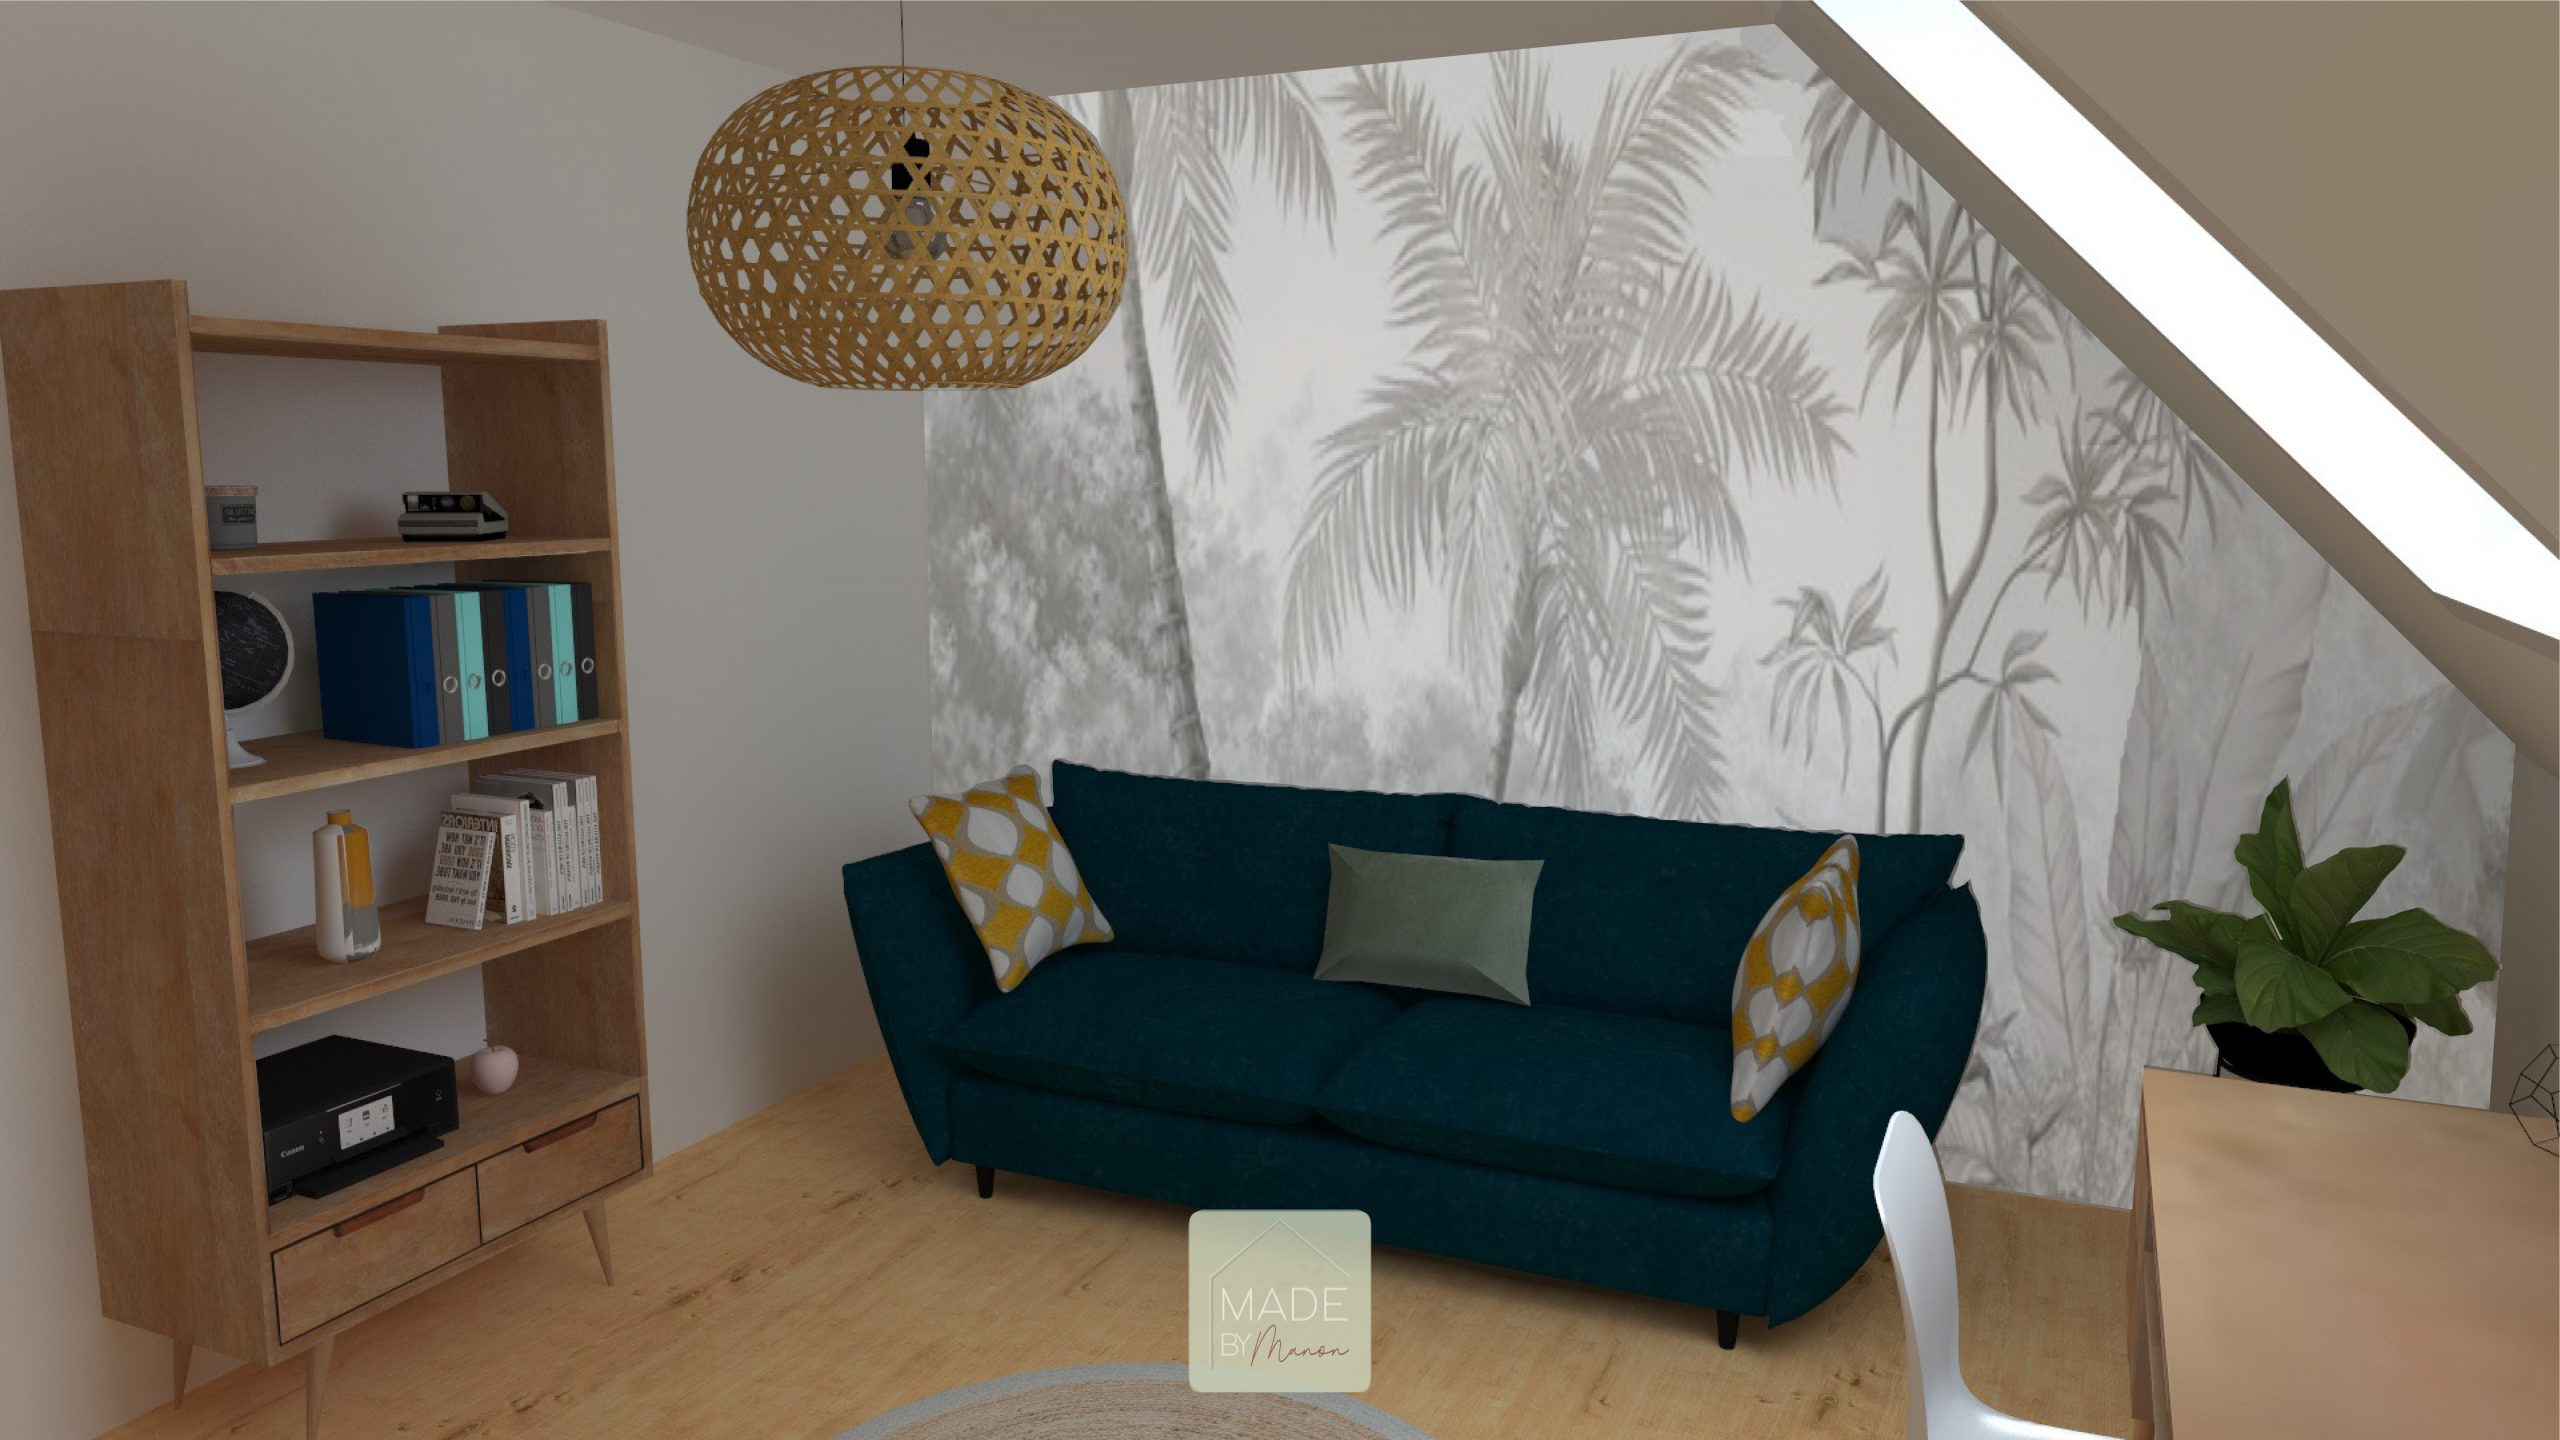 Bureau, chambre d'ami avec mobilier en bois et papier peint panoramique